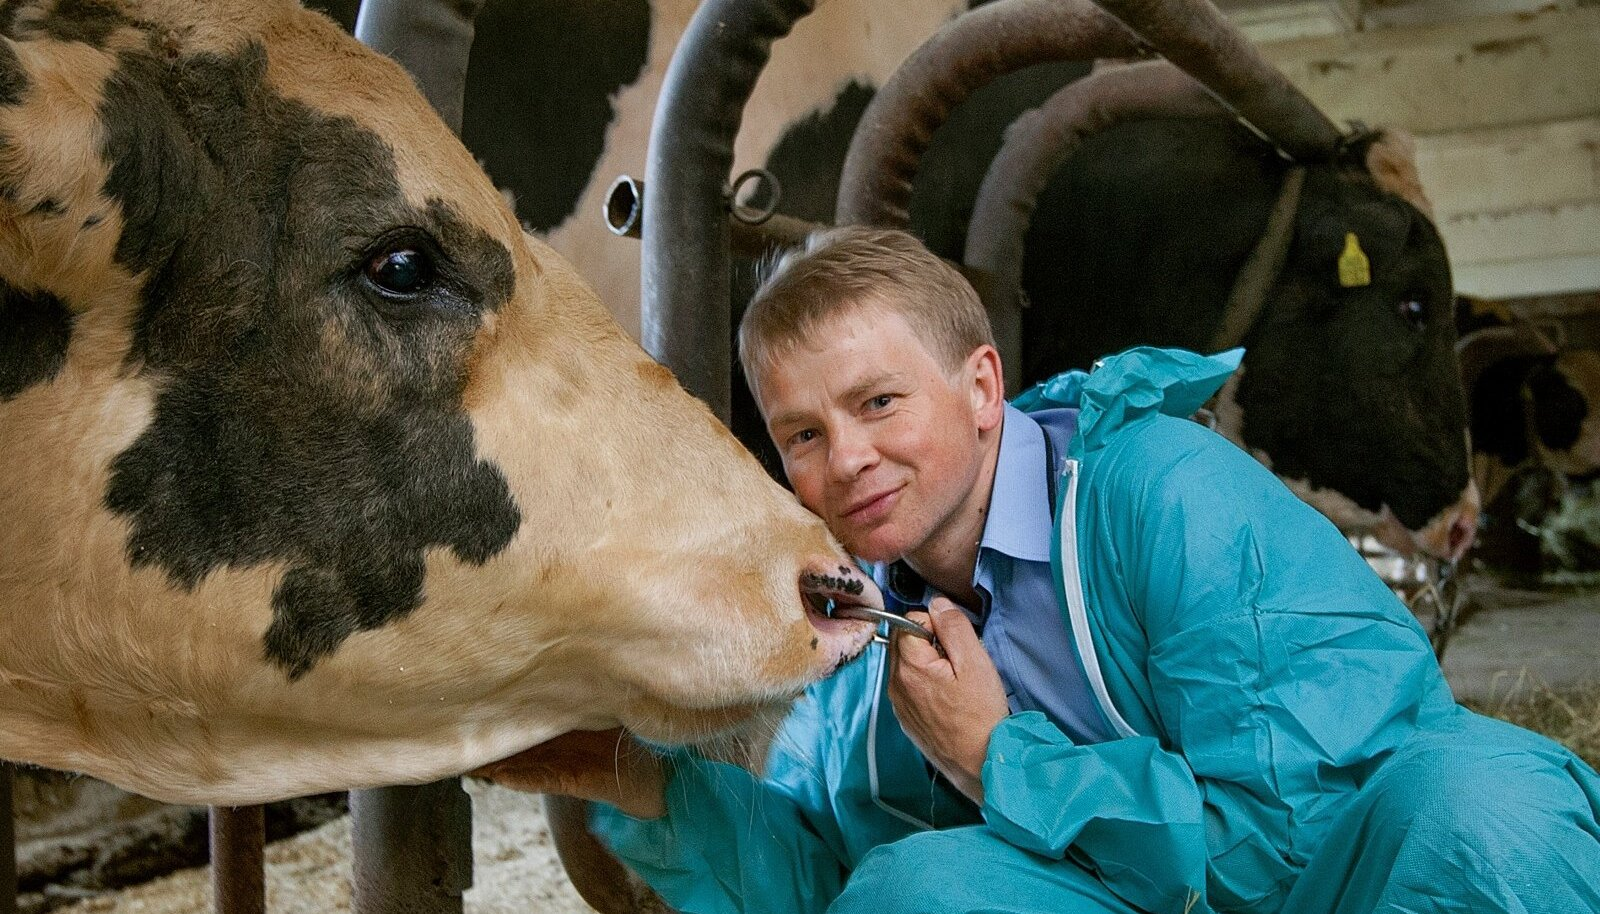 Aasta põllumehe 2016 kandidaat Tanel Bulitko,  Eesti Tõuloomakasvatuse Ühistu juhatuse esimees.